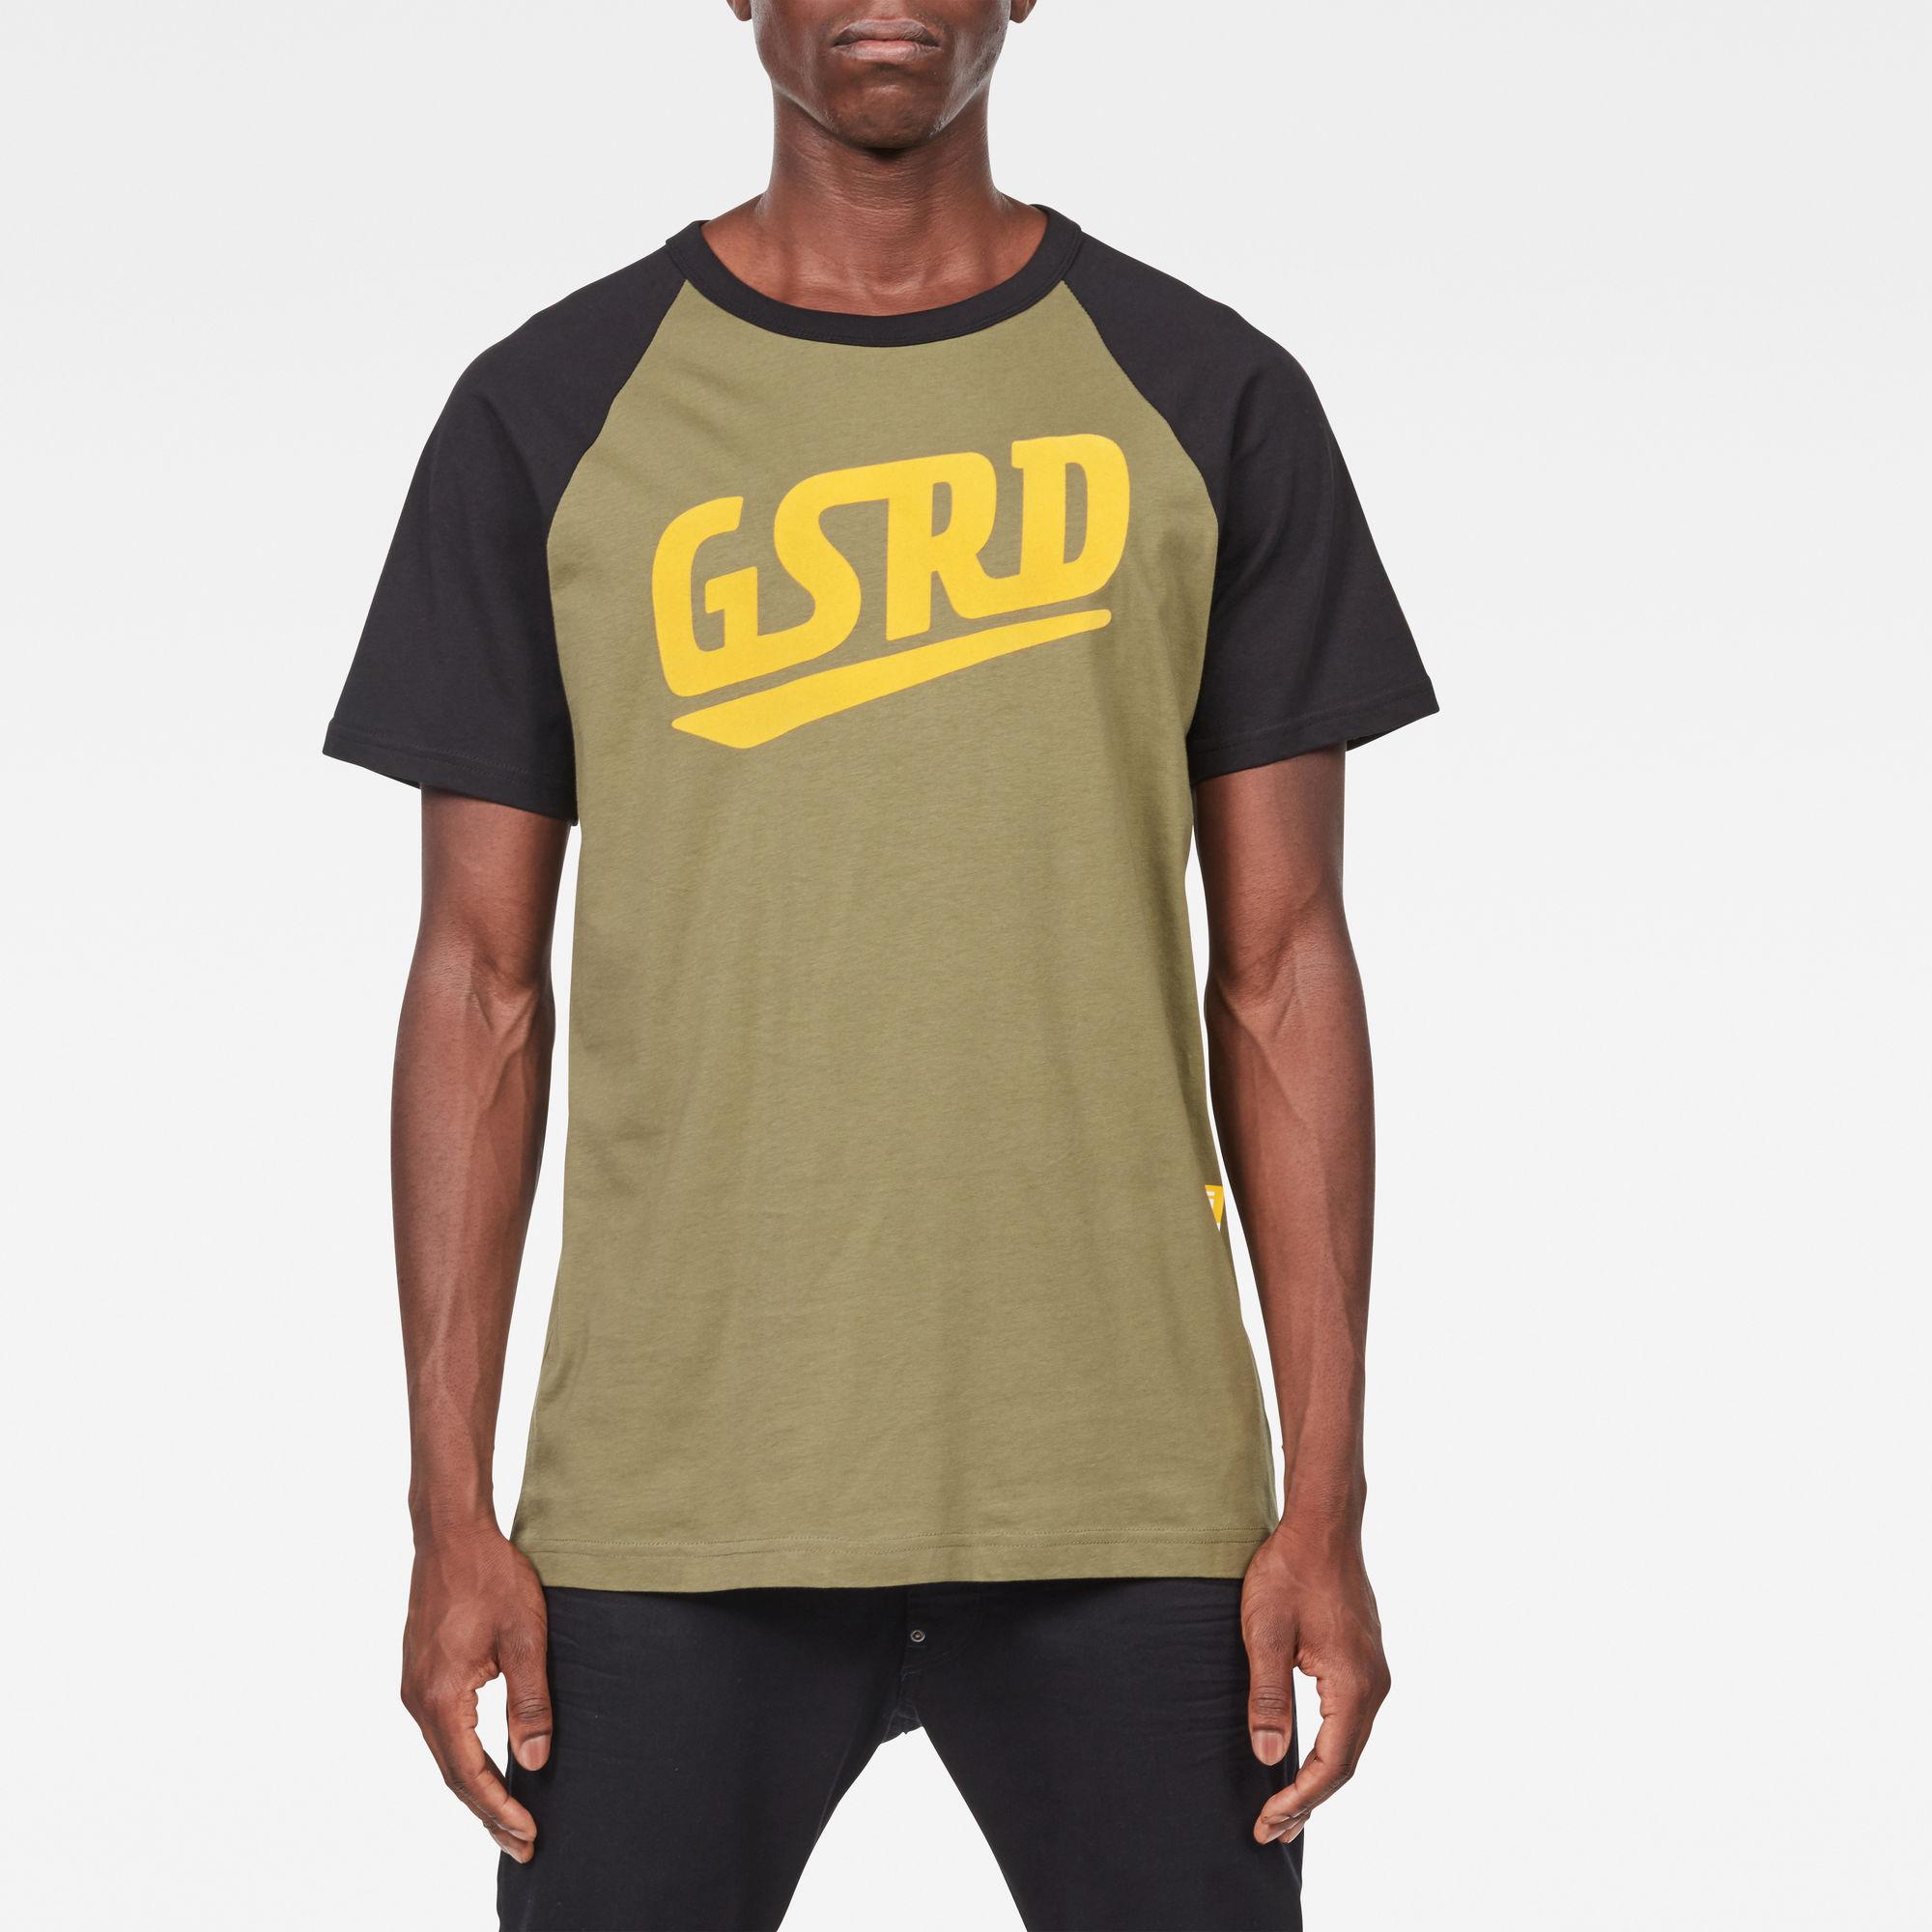 Image of G Star Raw Buckston Raglan T-Shirt